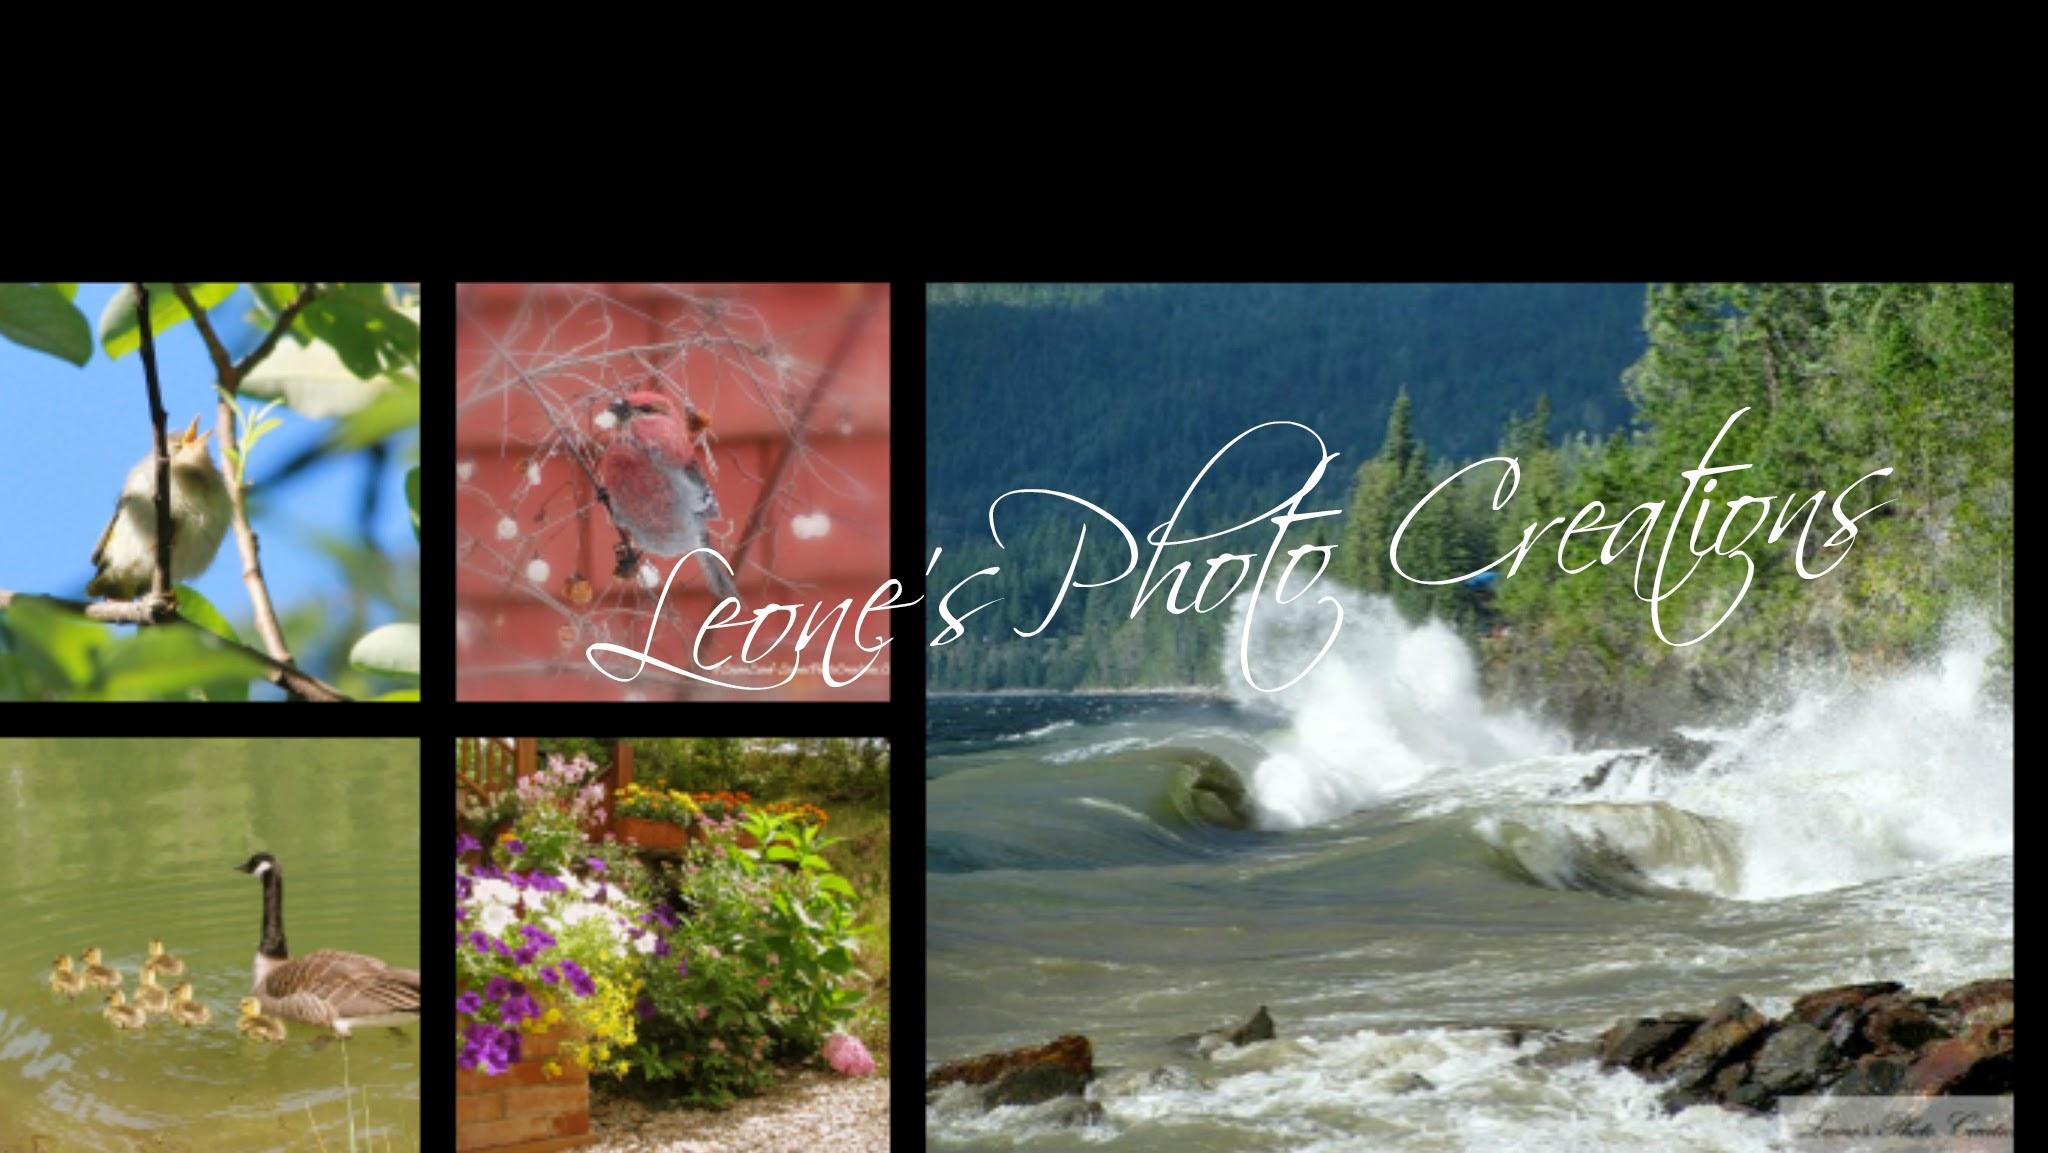 Leones Photo Creations